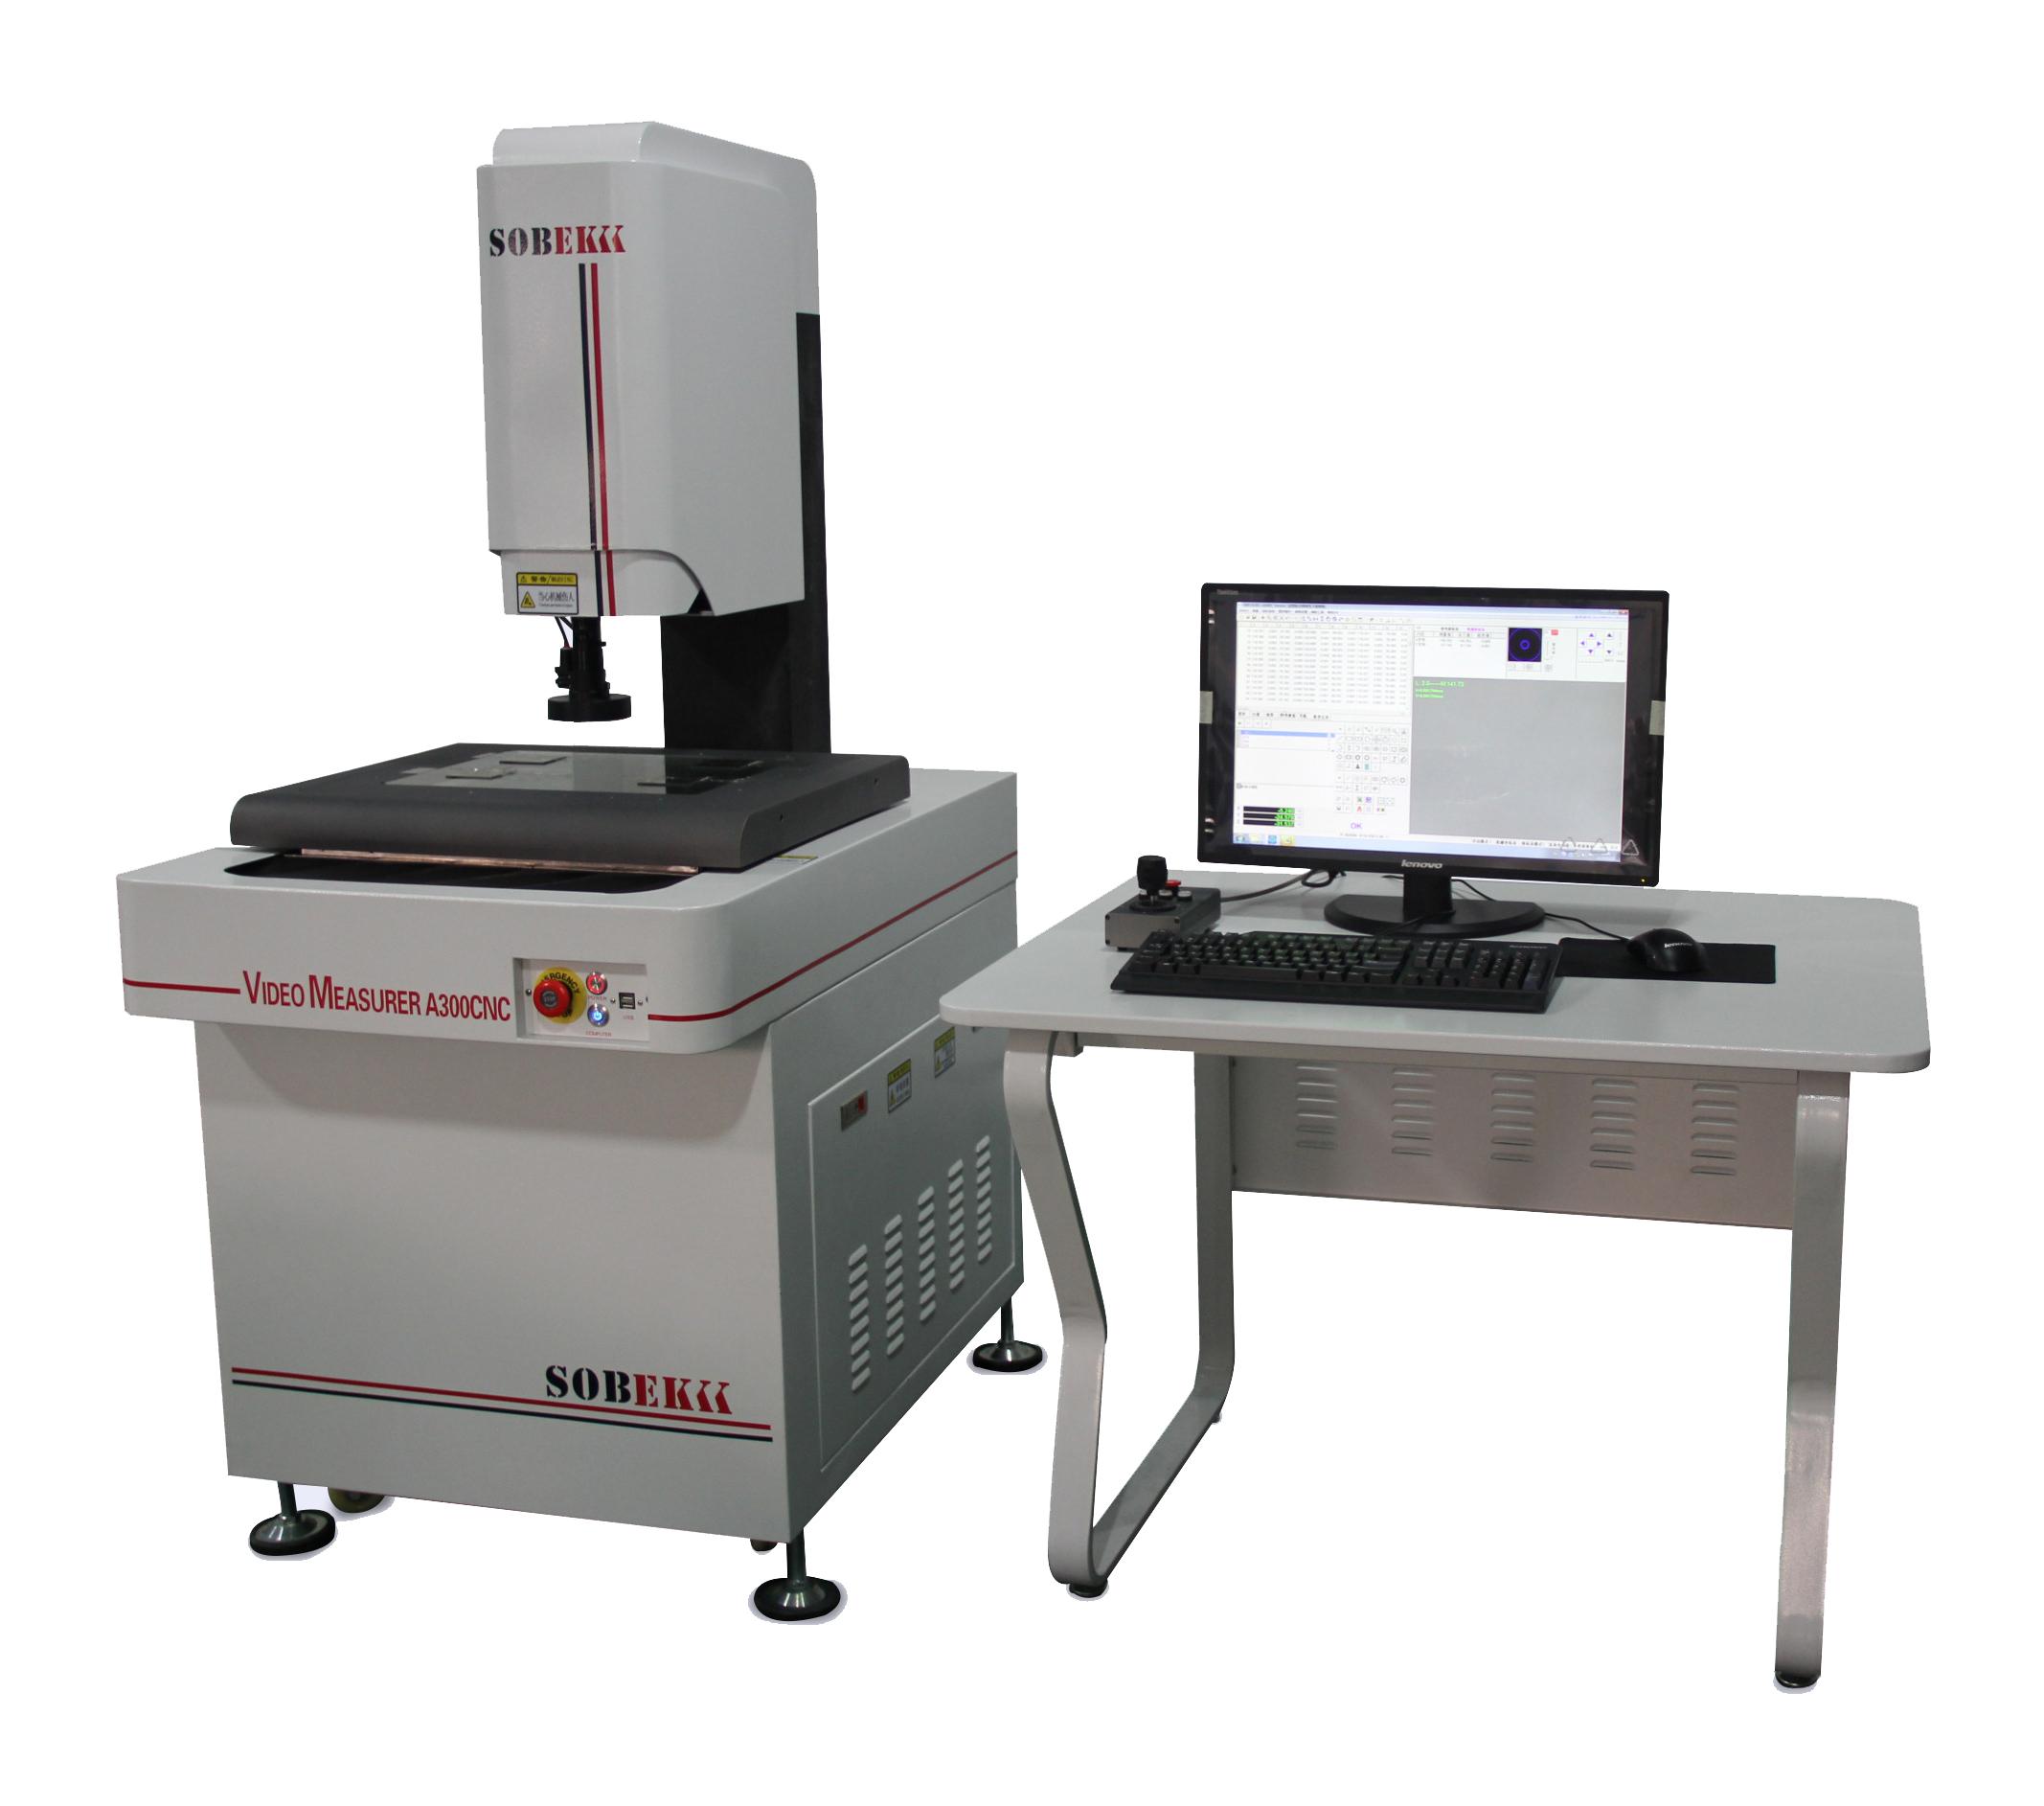 เครื่องวัดชิ้นงานละเอียด Video Measuring Machine A300